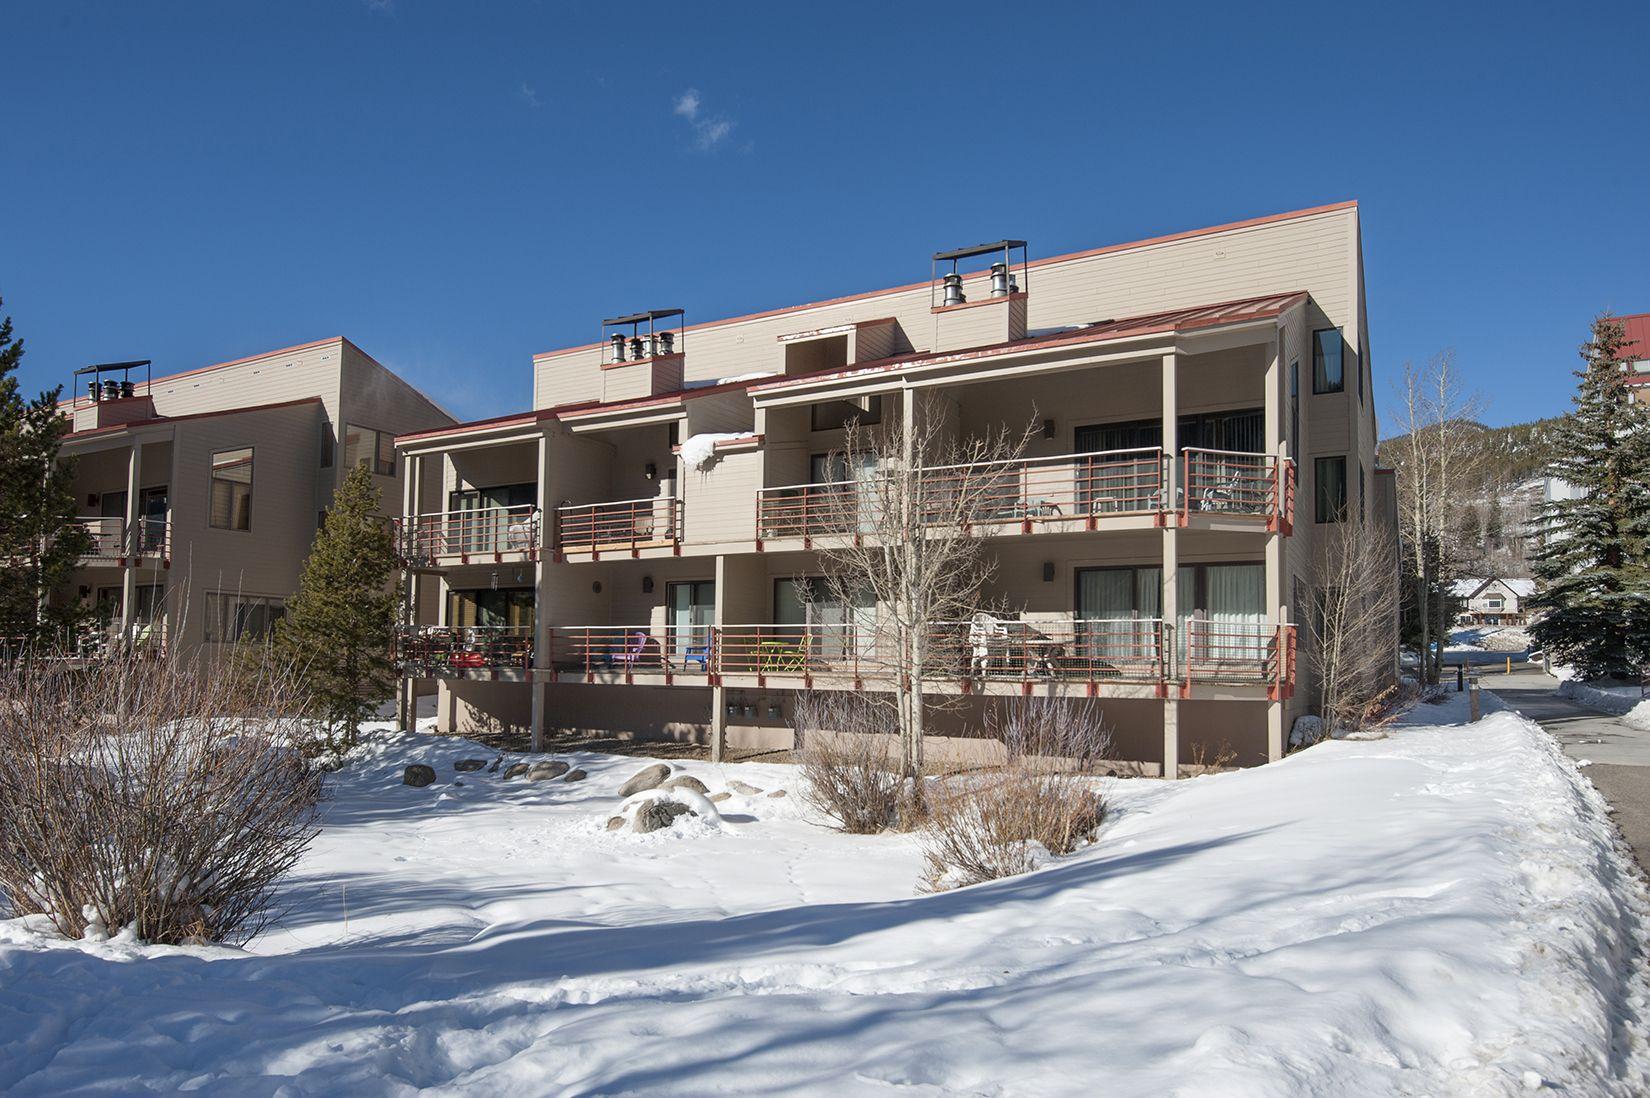 22824 Us Hwy 6 # 503 KEYSTONE, Colorado 80435